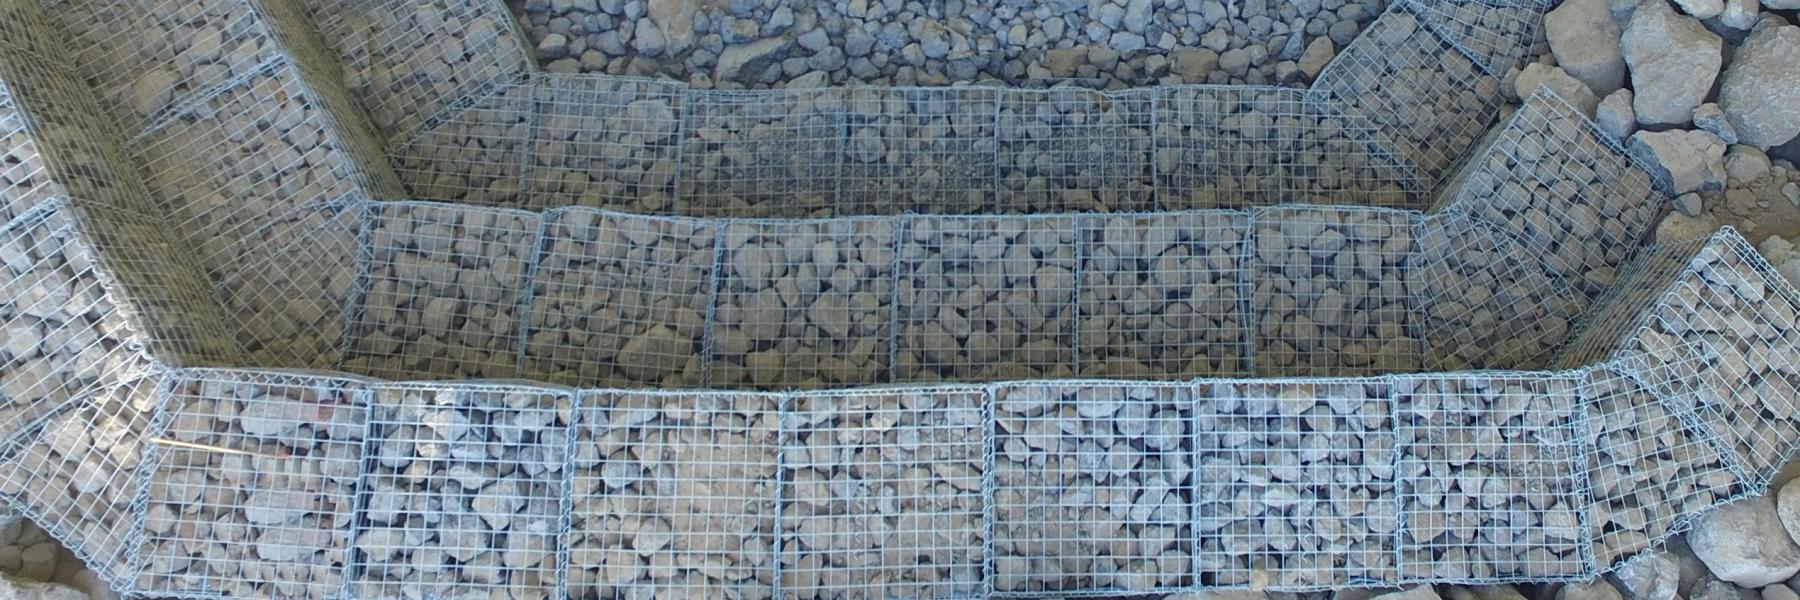 Lakewood Dam ArtWeld Gabions